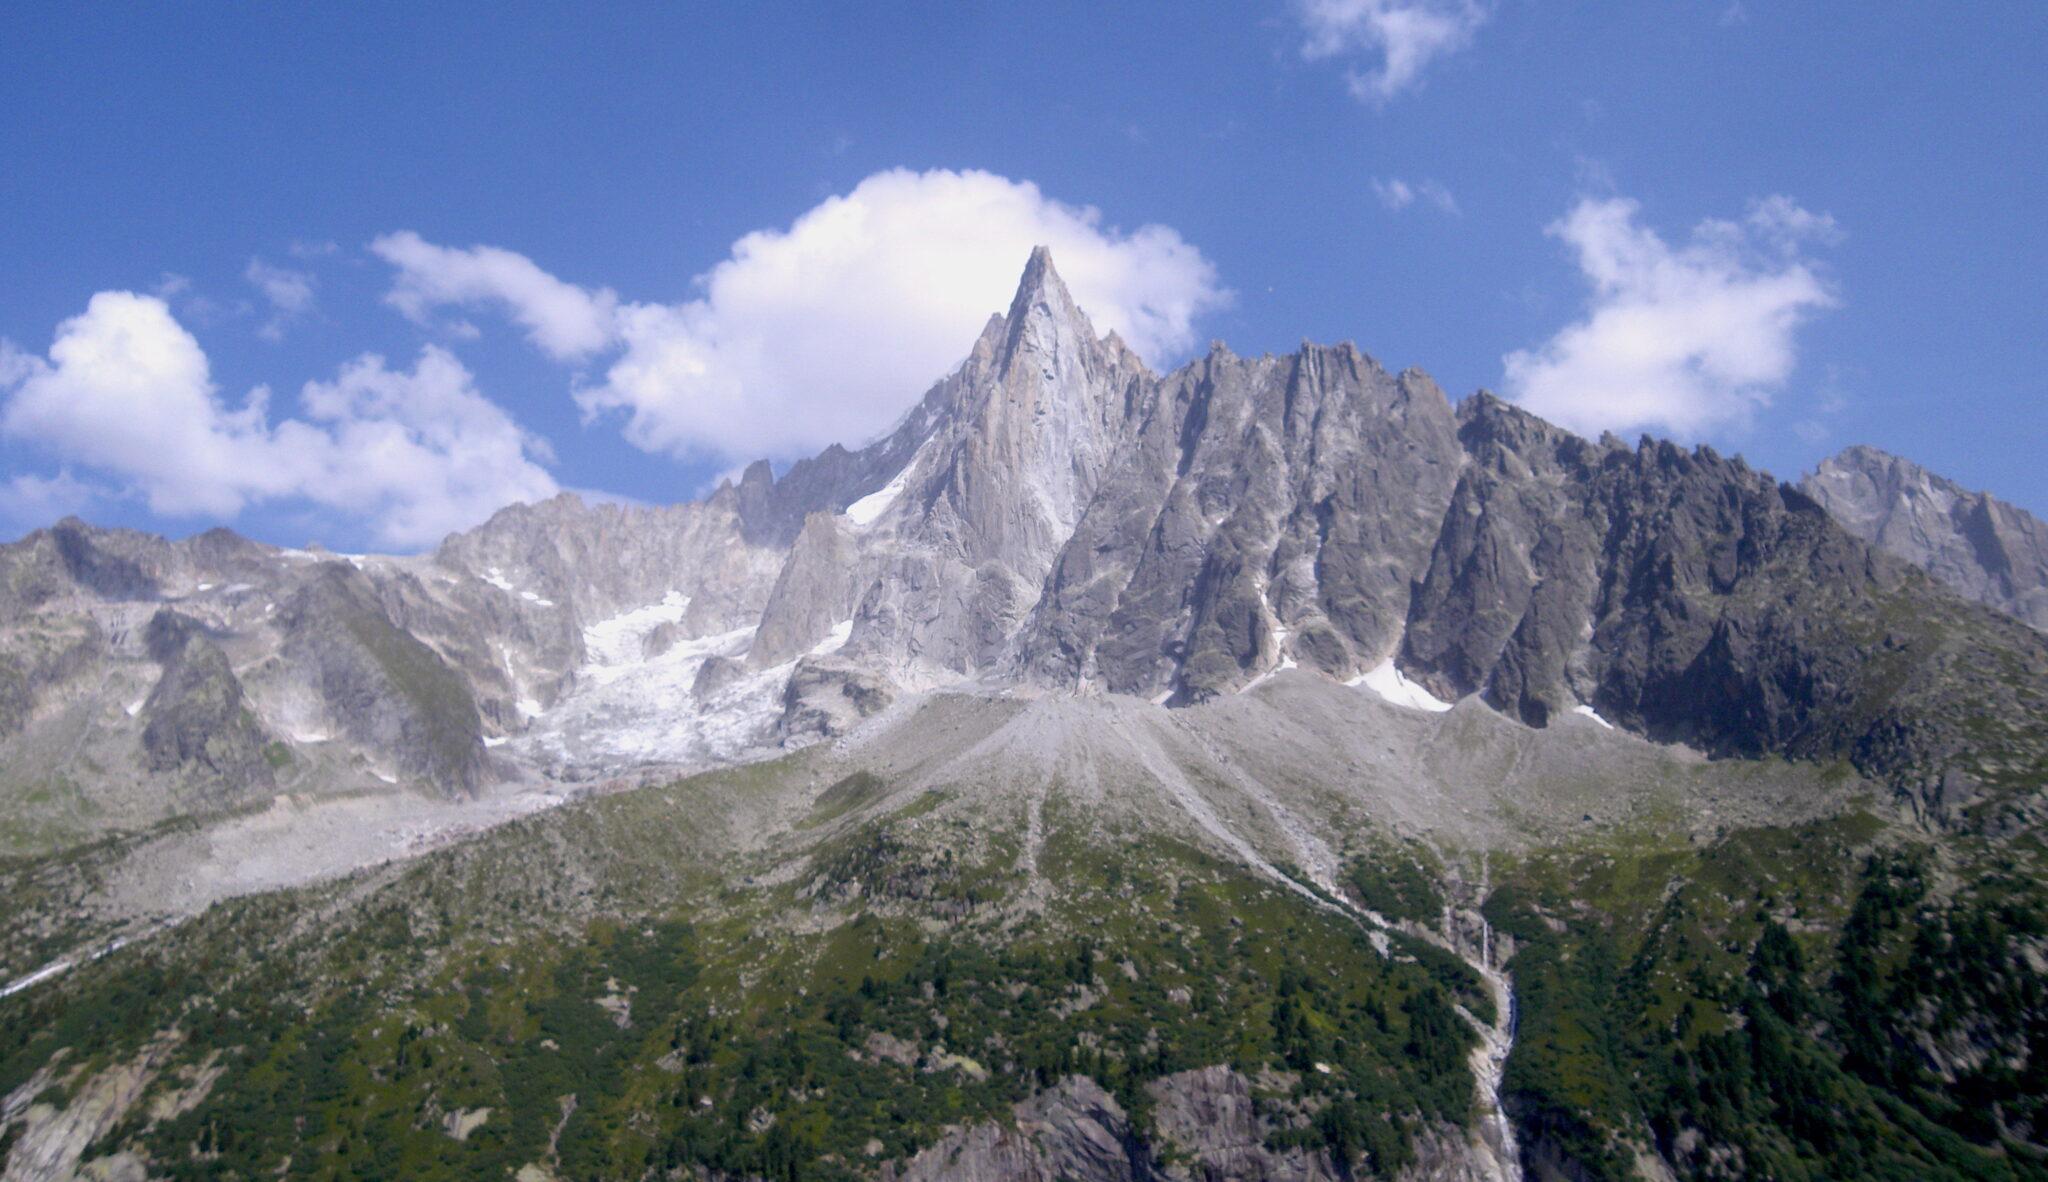 Bergkette Les Drus im Montblanc bei schönem Wetter im Sommer.